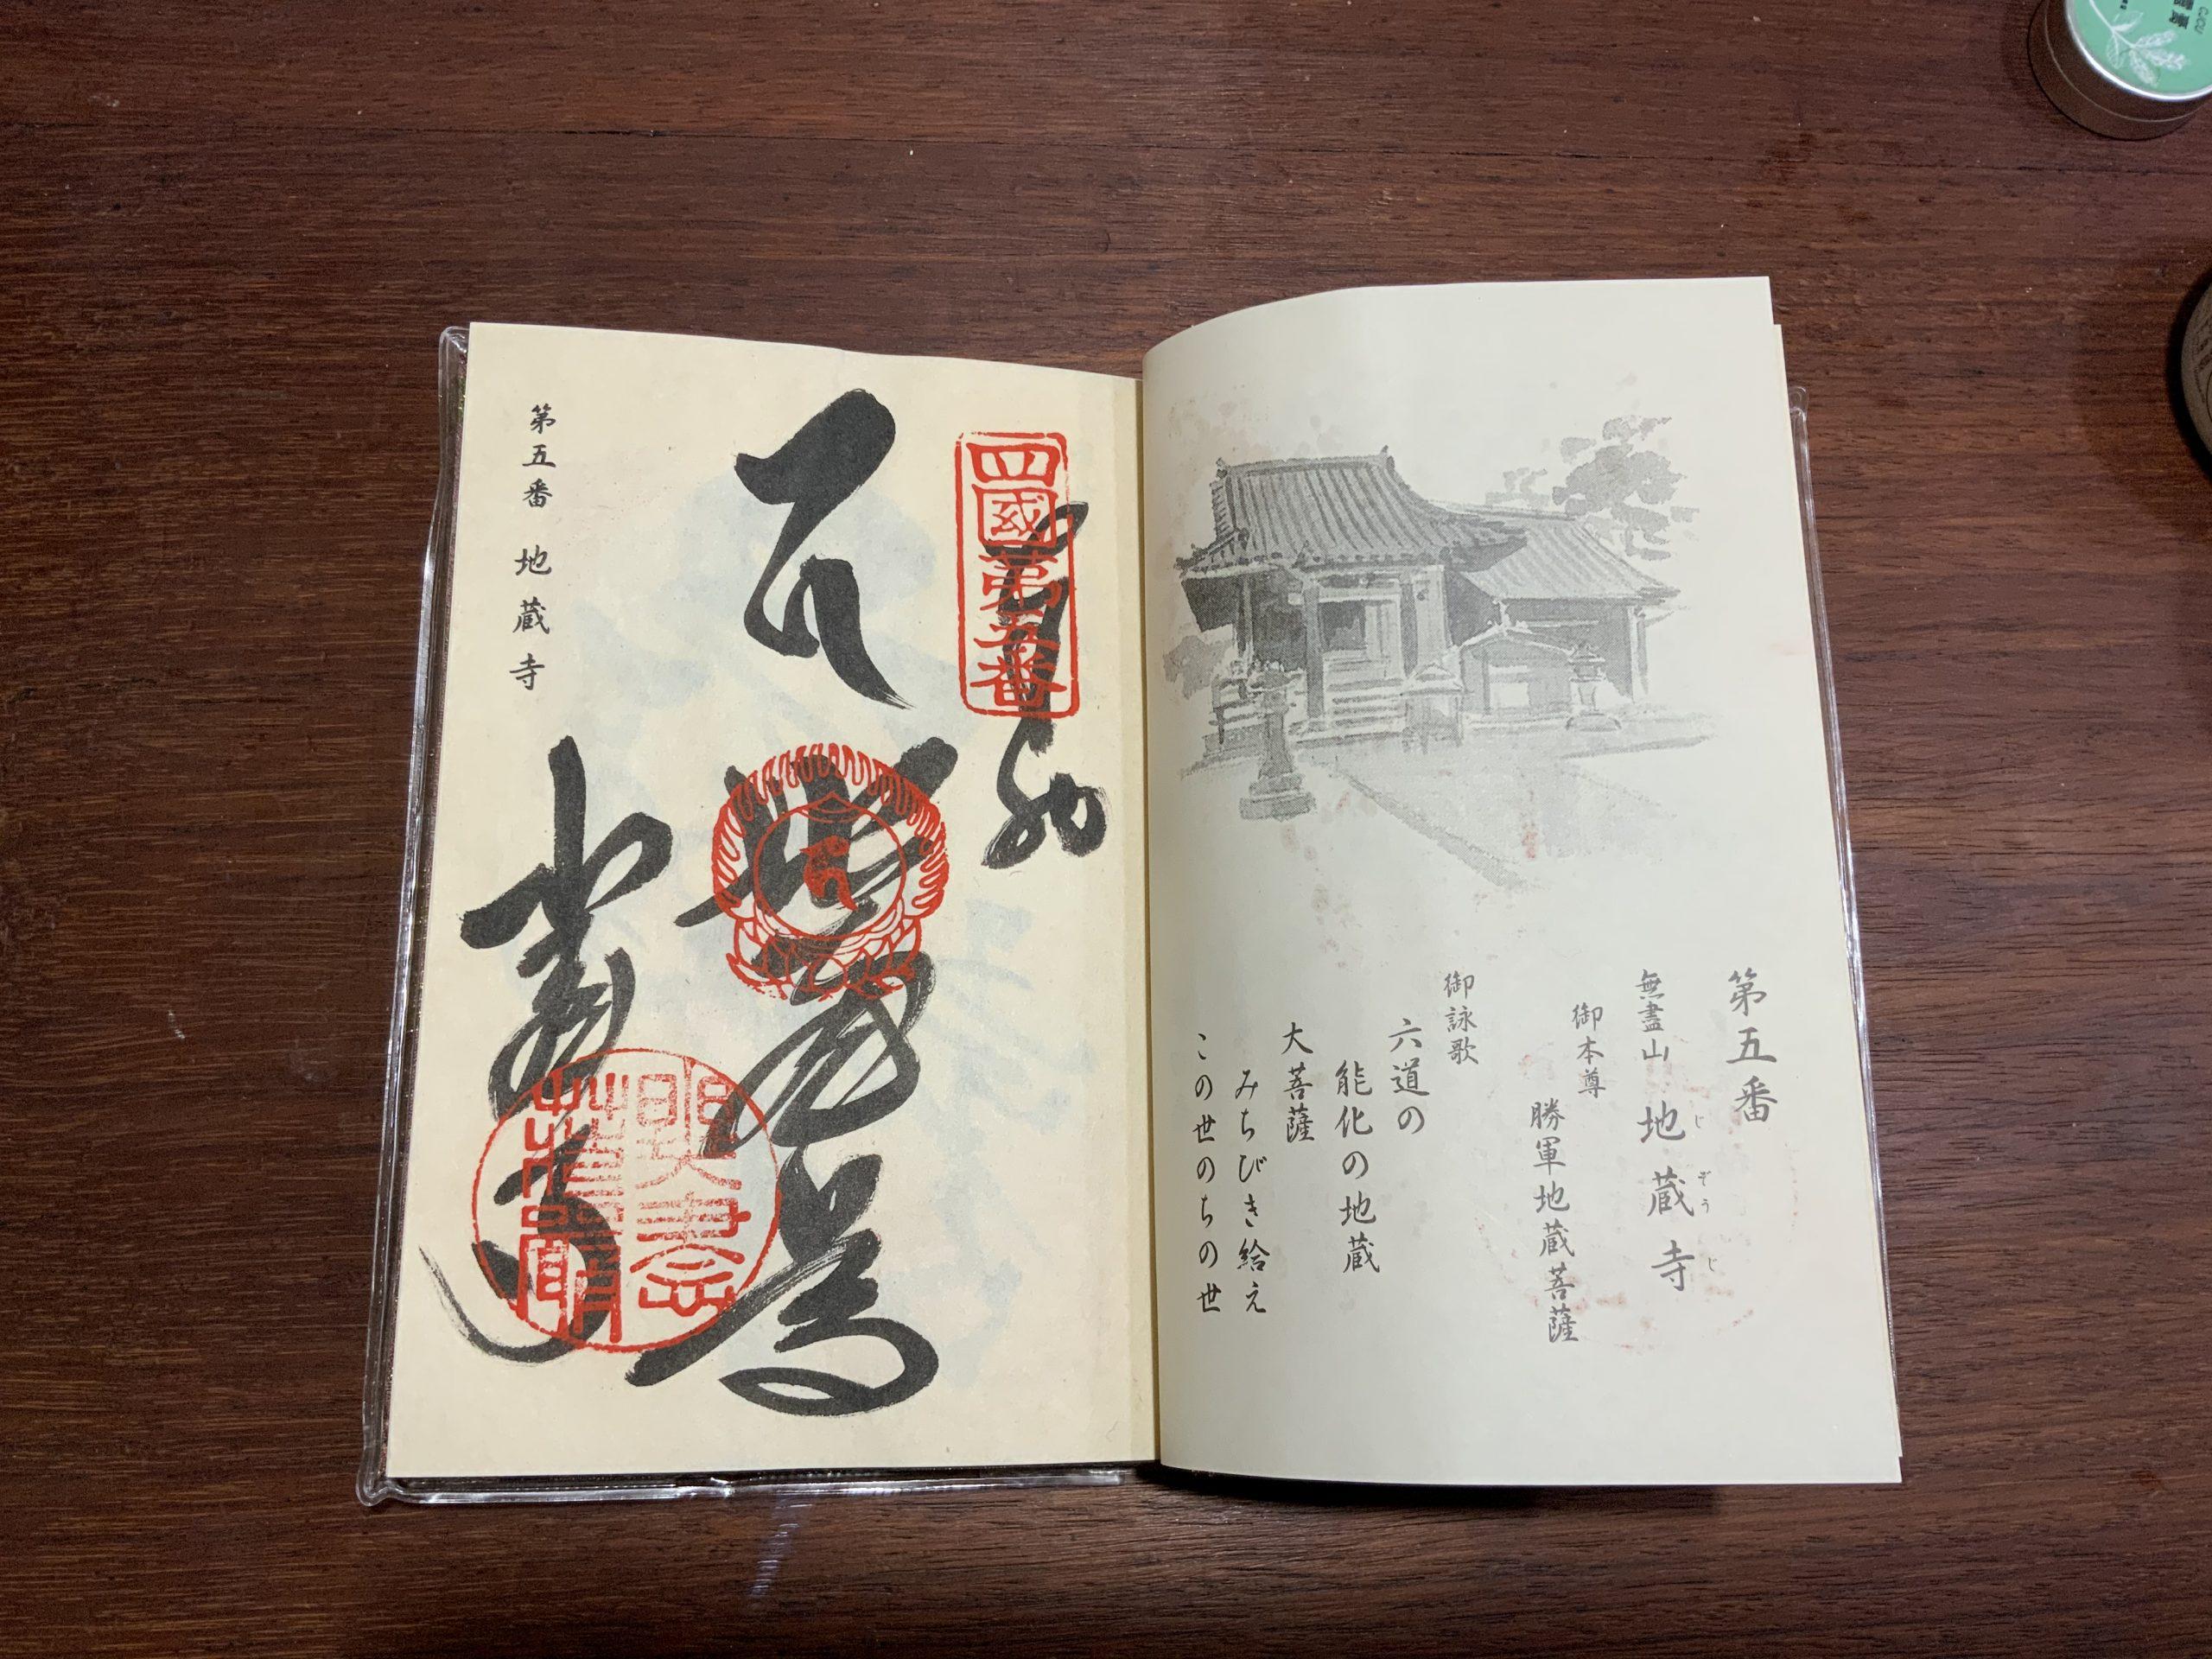 日本遍路前輩 四國遍路